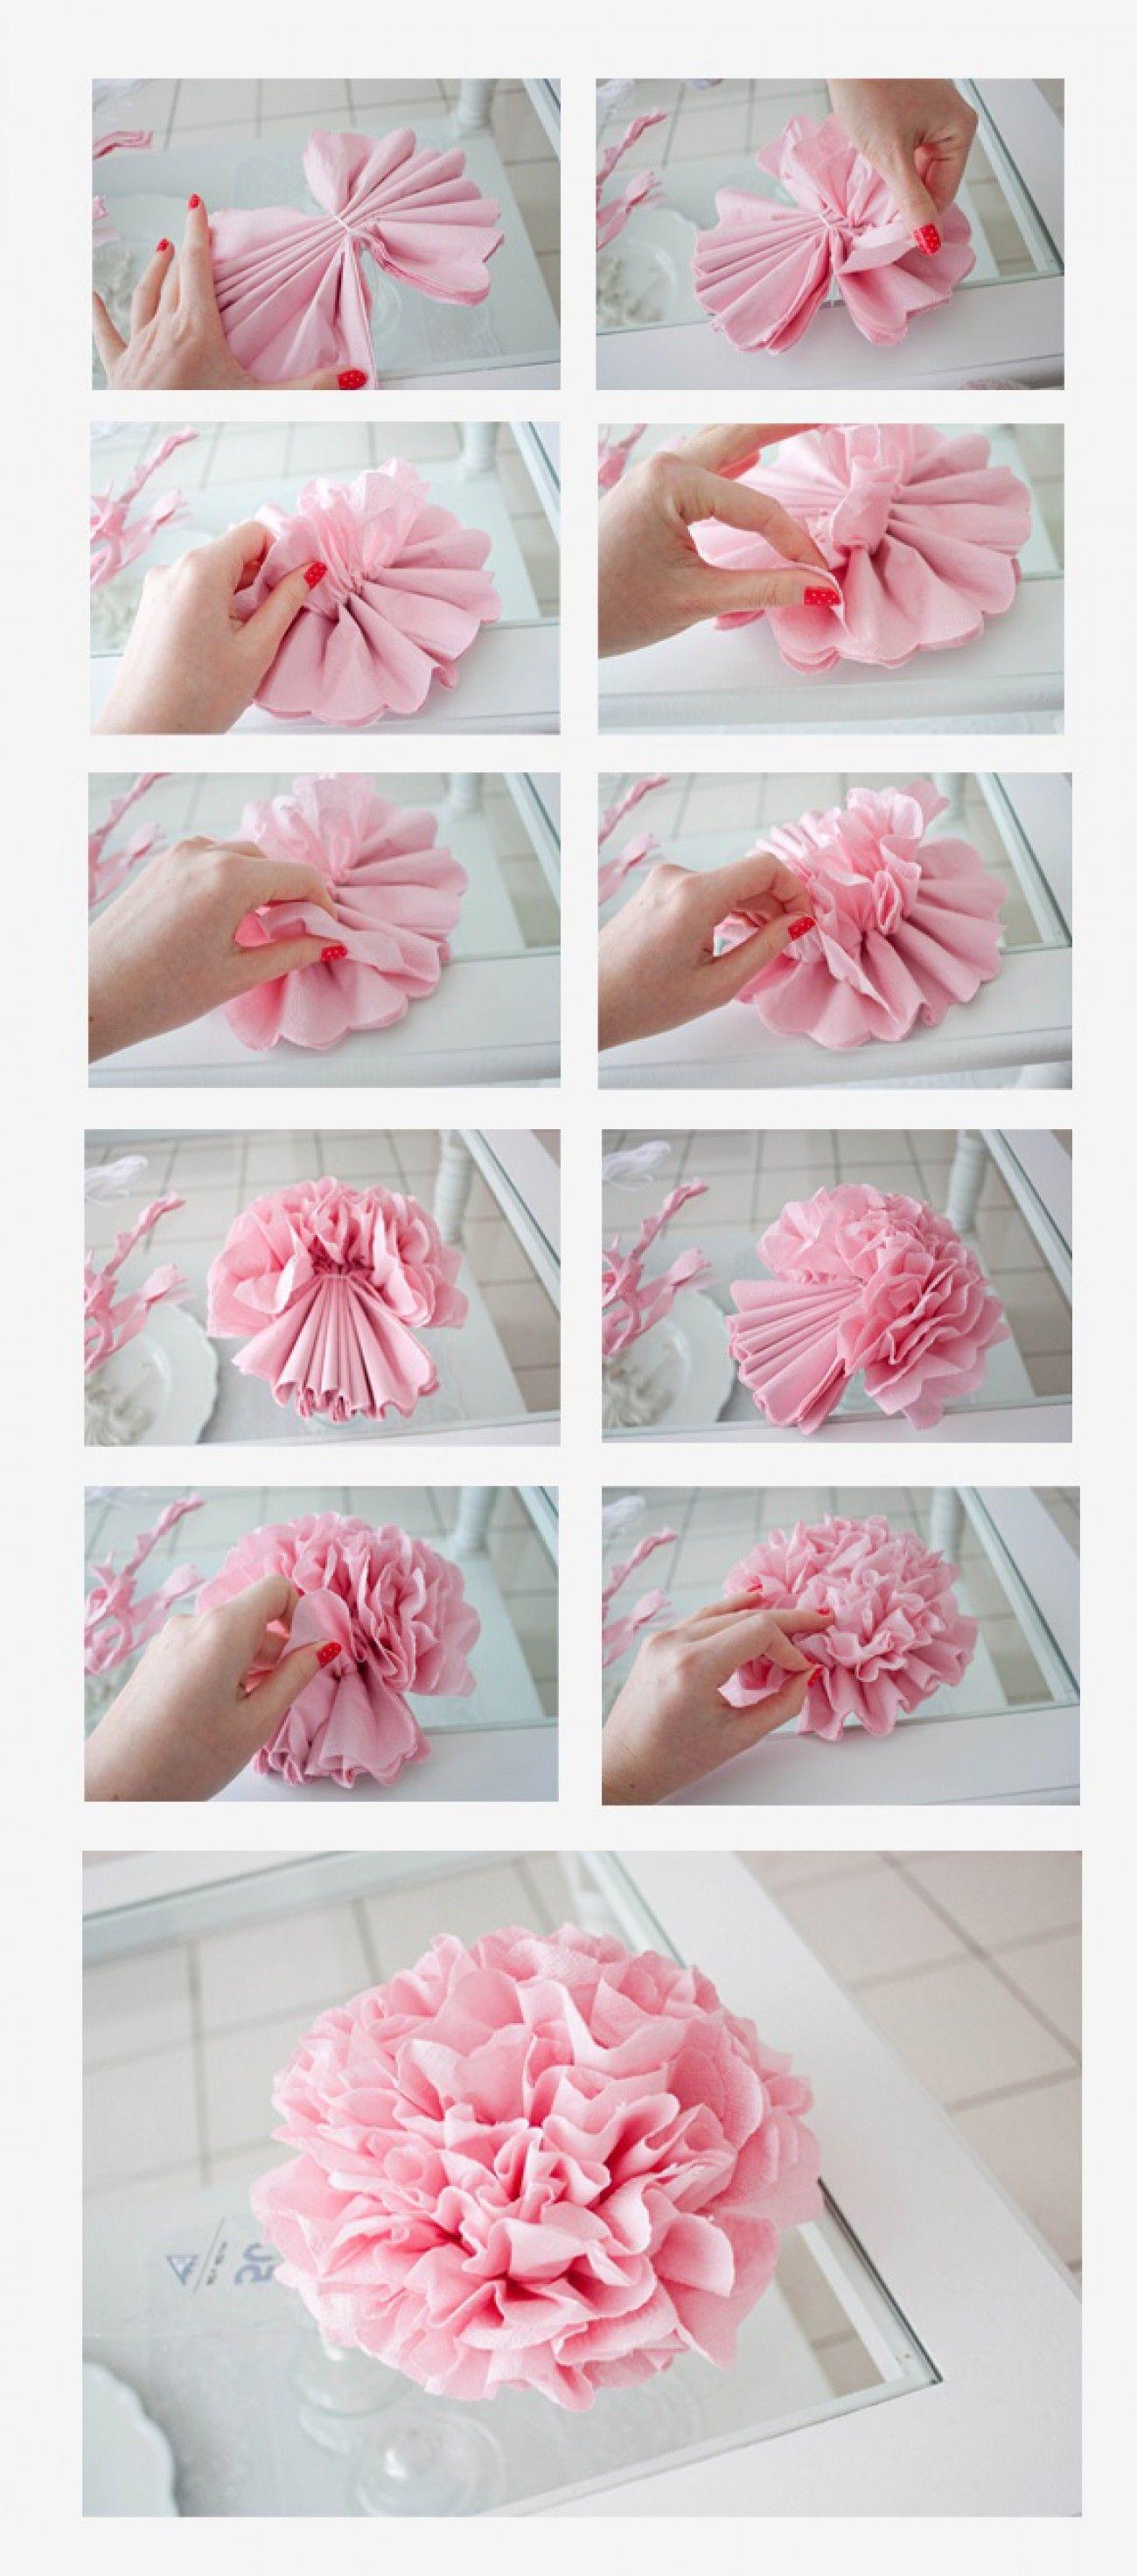 Verwonderend Snel, eenvoudig en feestelijk met servetten.. | Mis planes - Paper SB-68